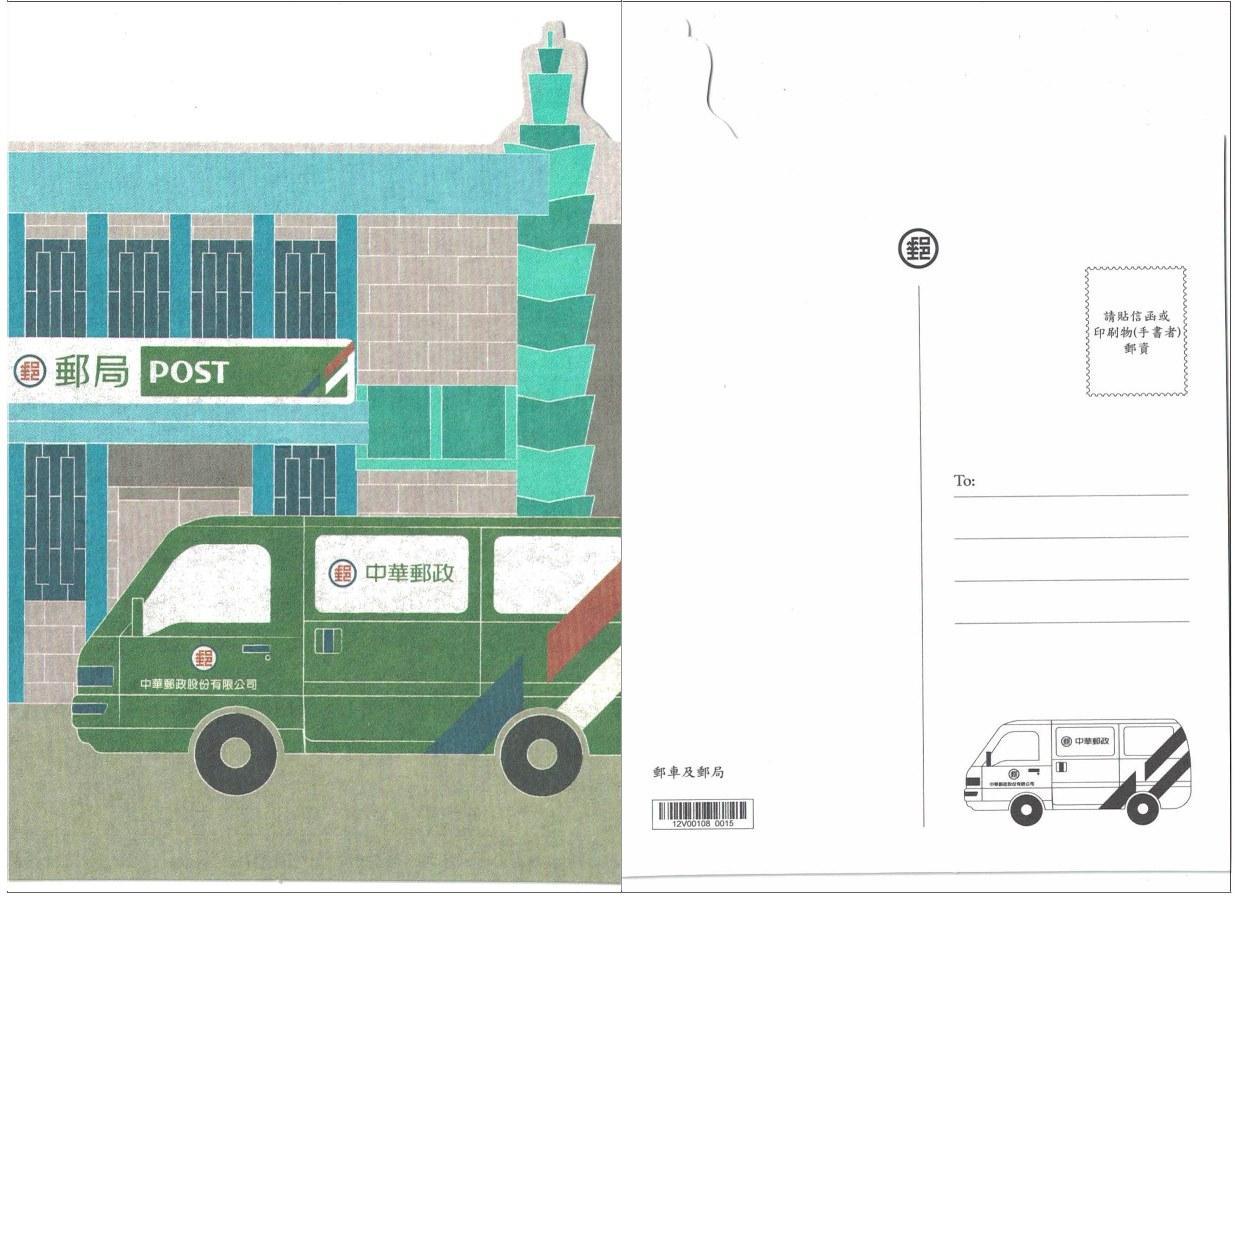 造型卡片-郵車及郵局